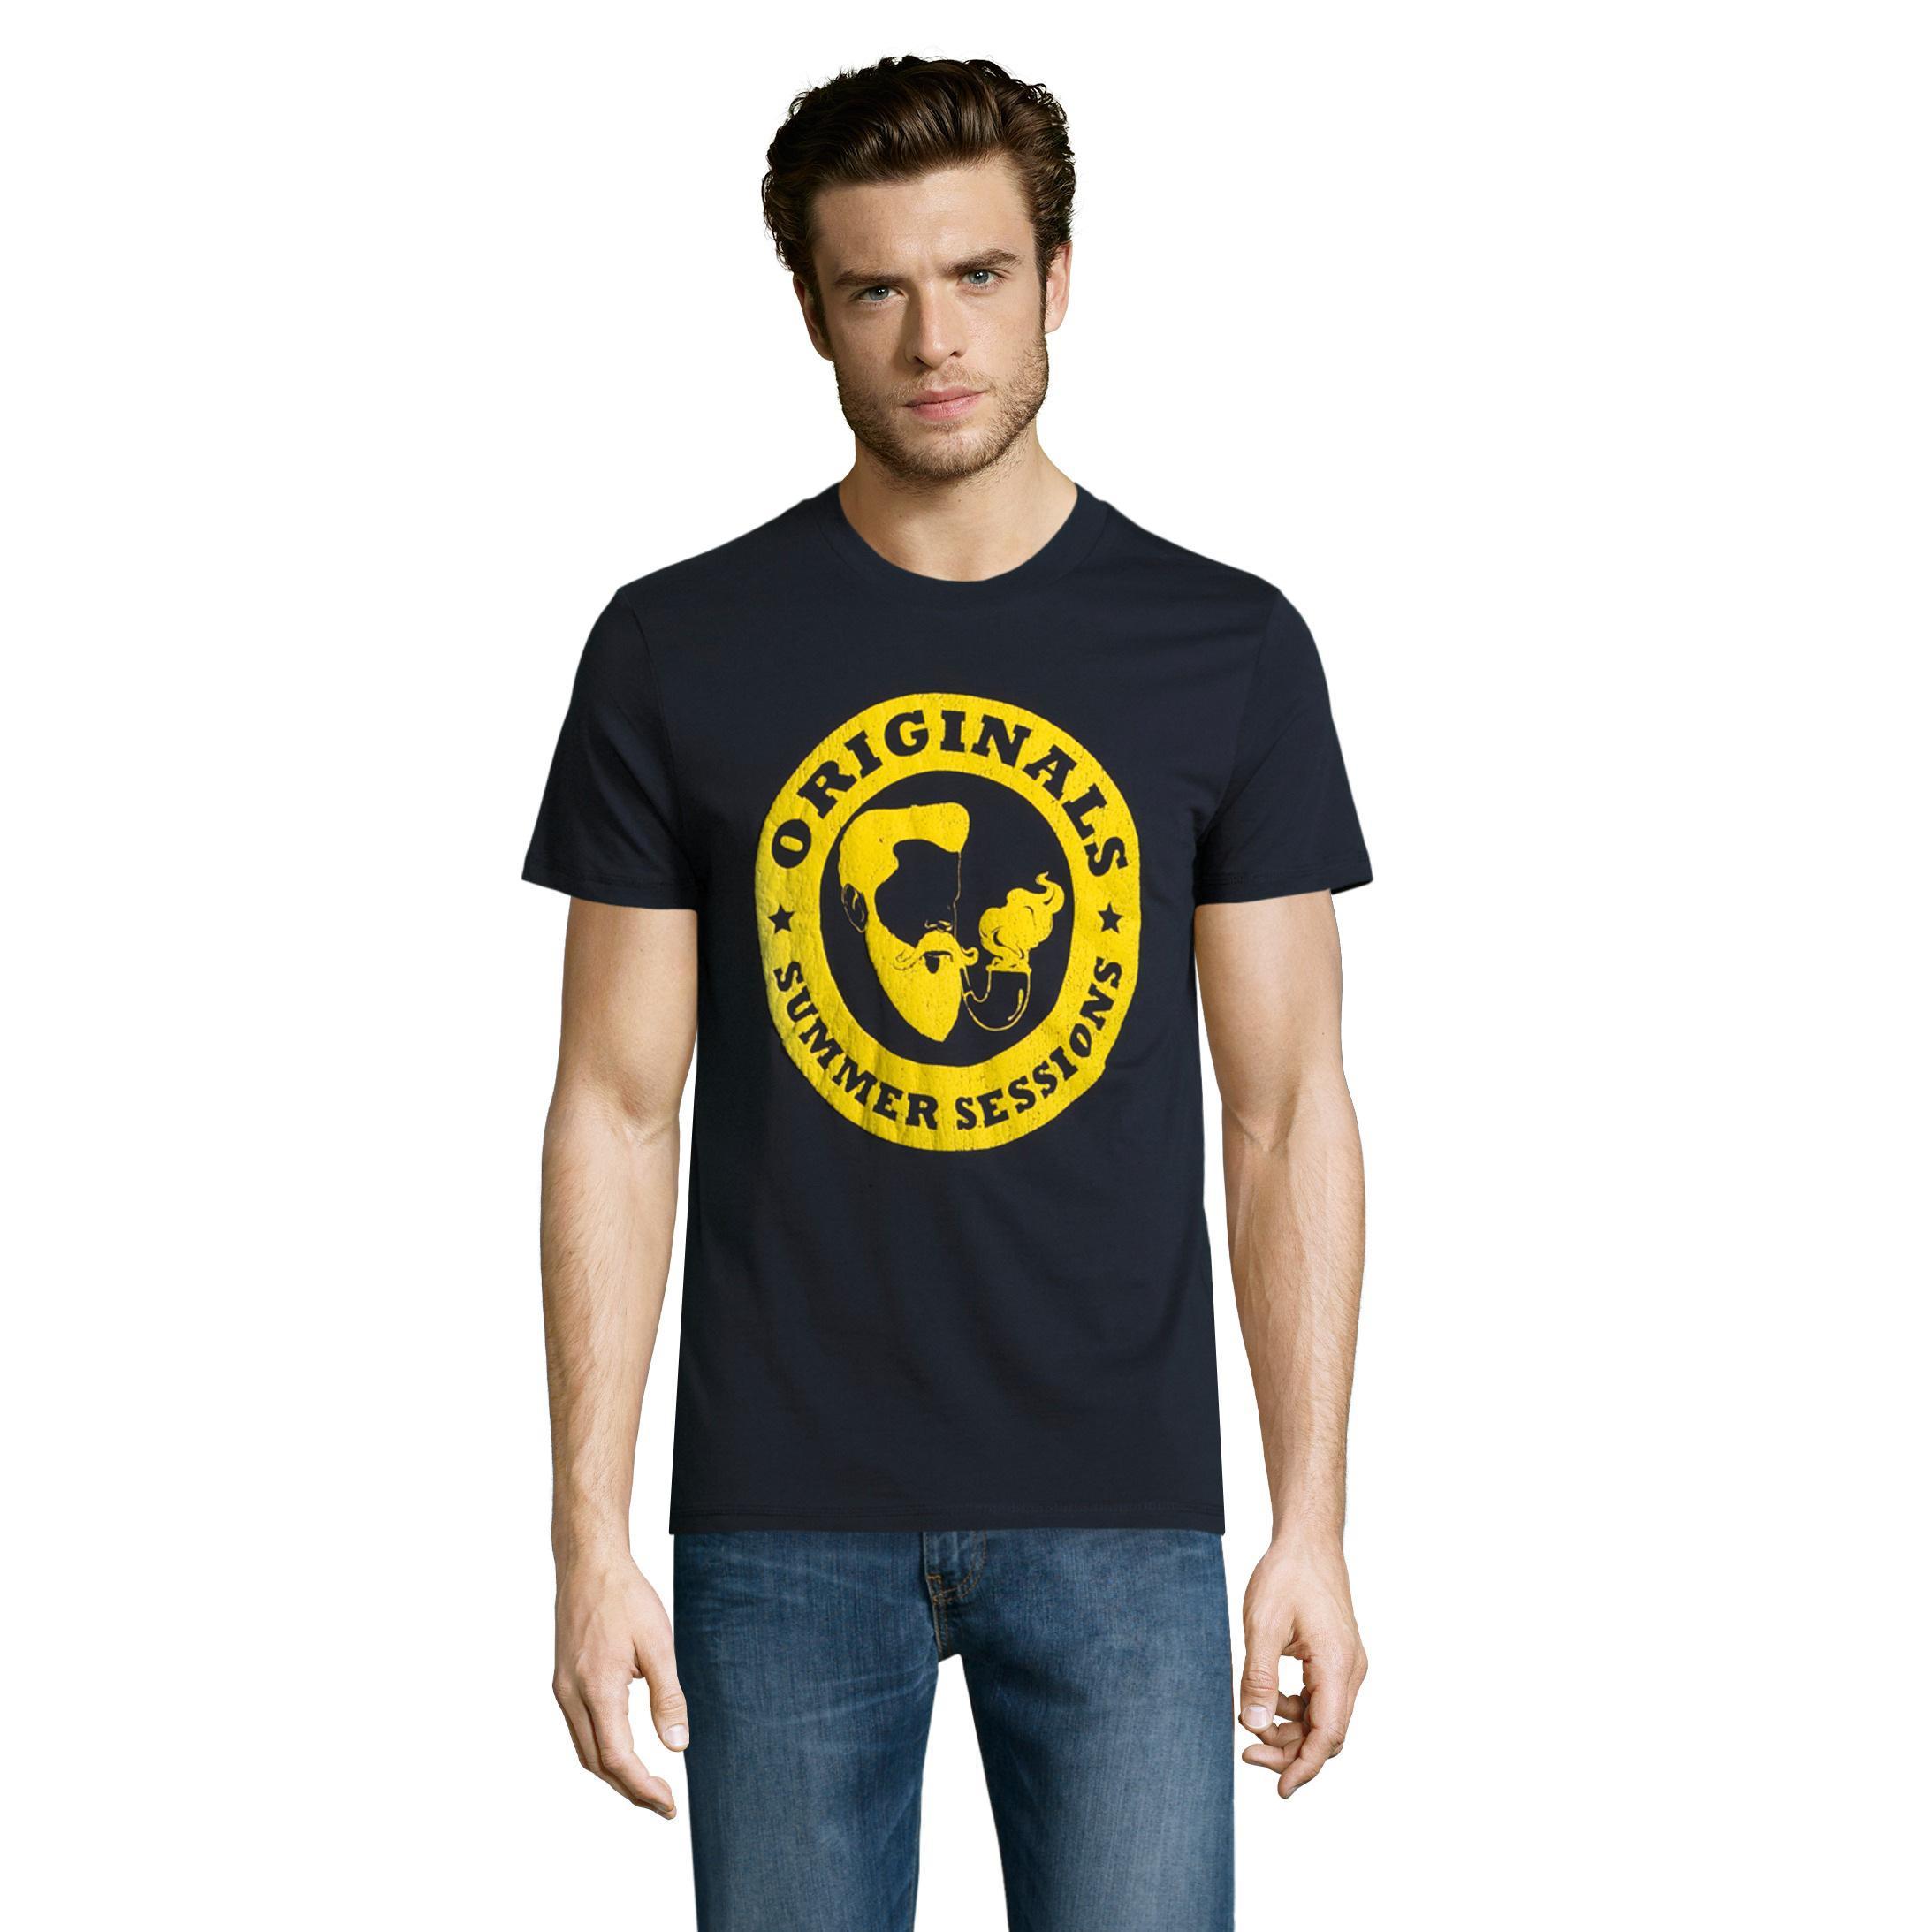 Sélection d'articles Jack & Jones en promo  - Ex : T-shirt Originals